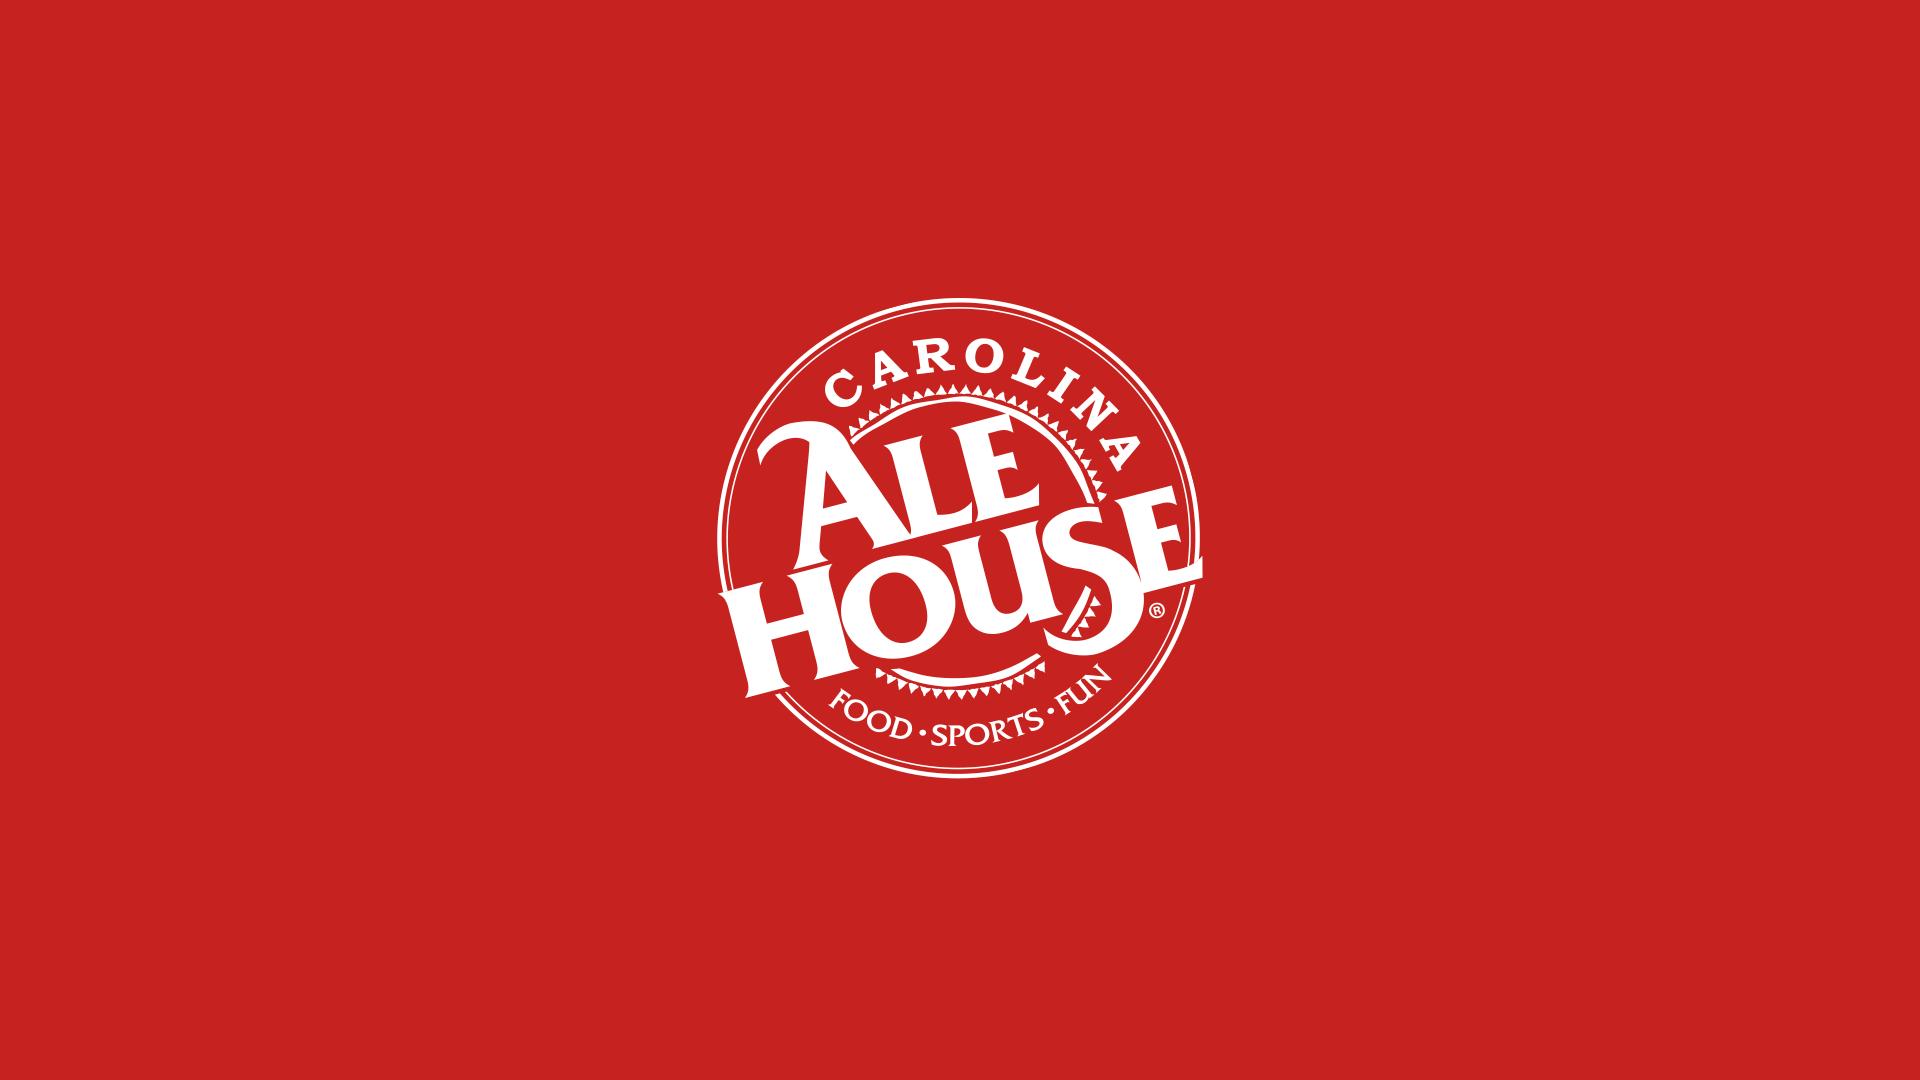 Carolina Ale House service company logo